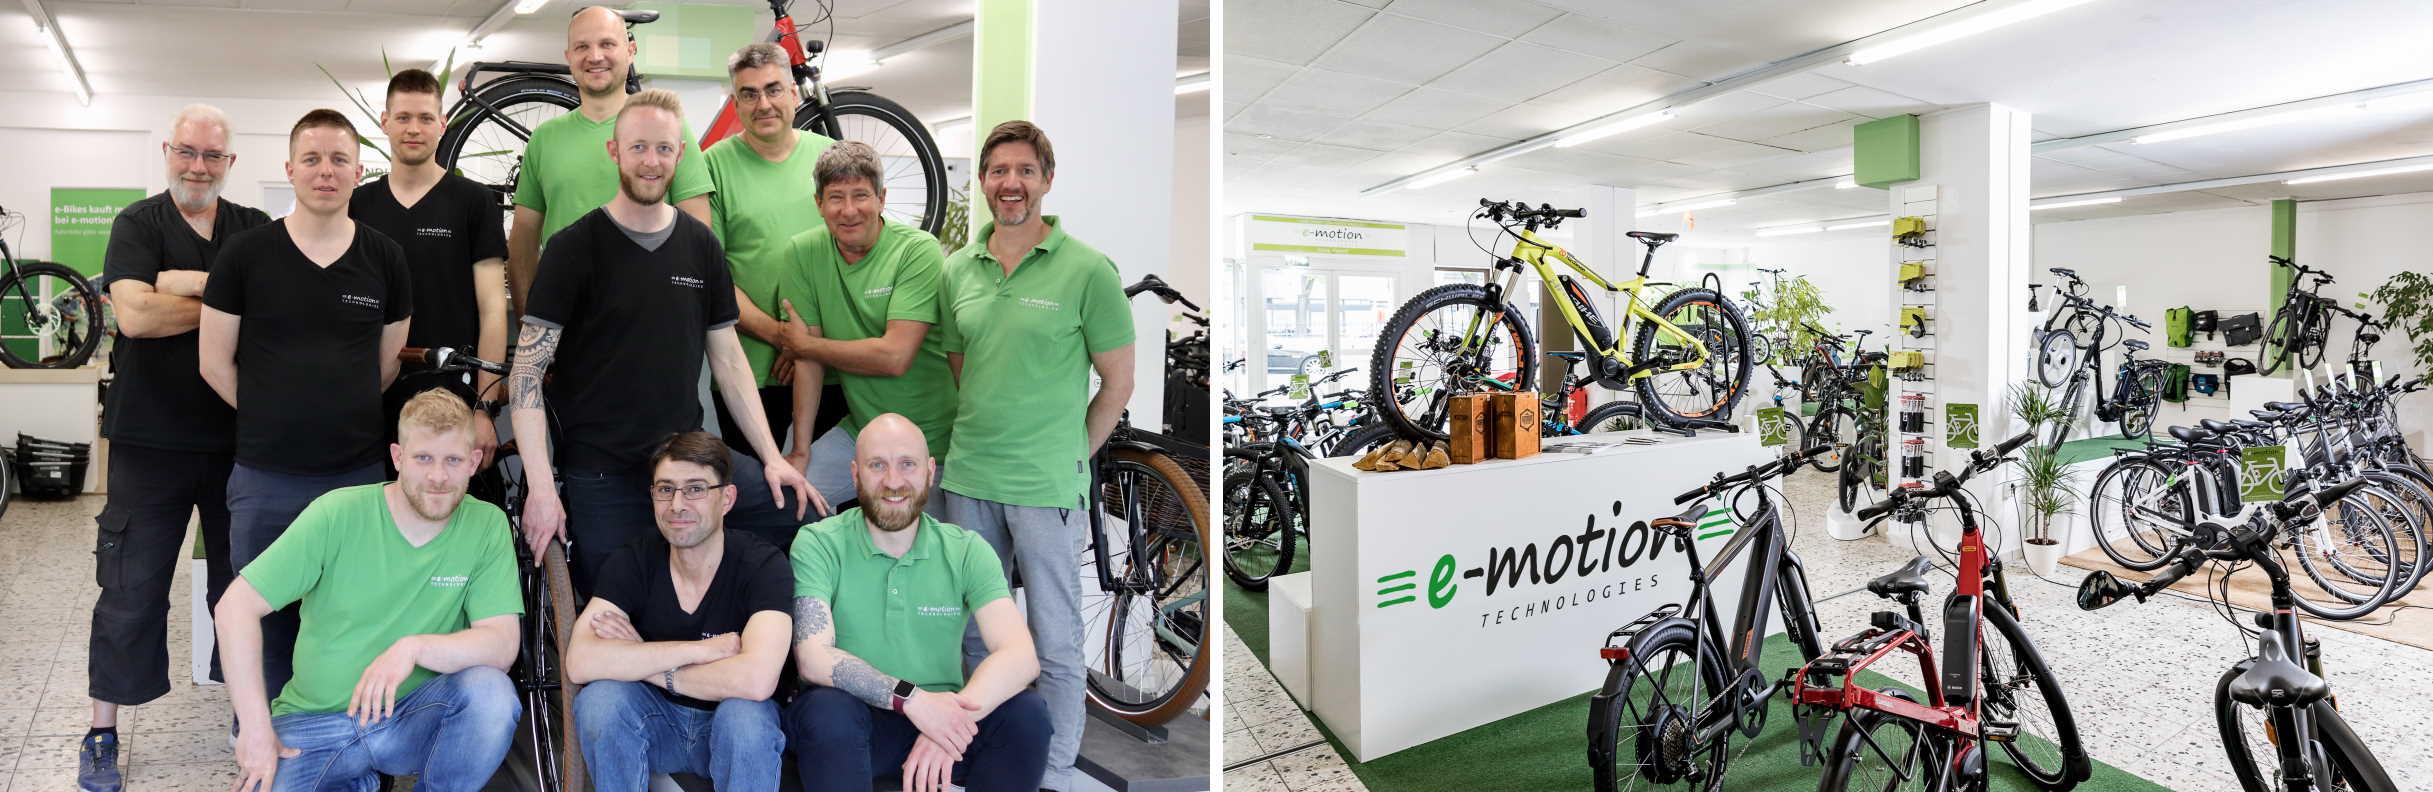 e-motion e-Bike Welt Berlin-Steglitz